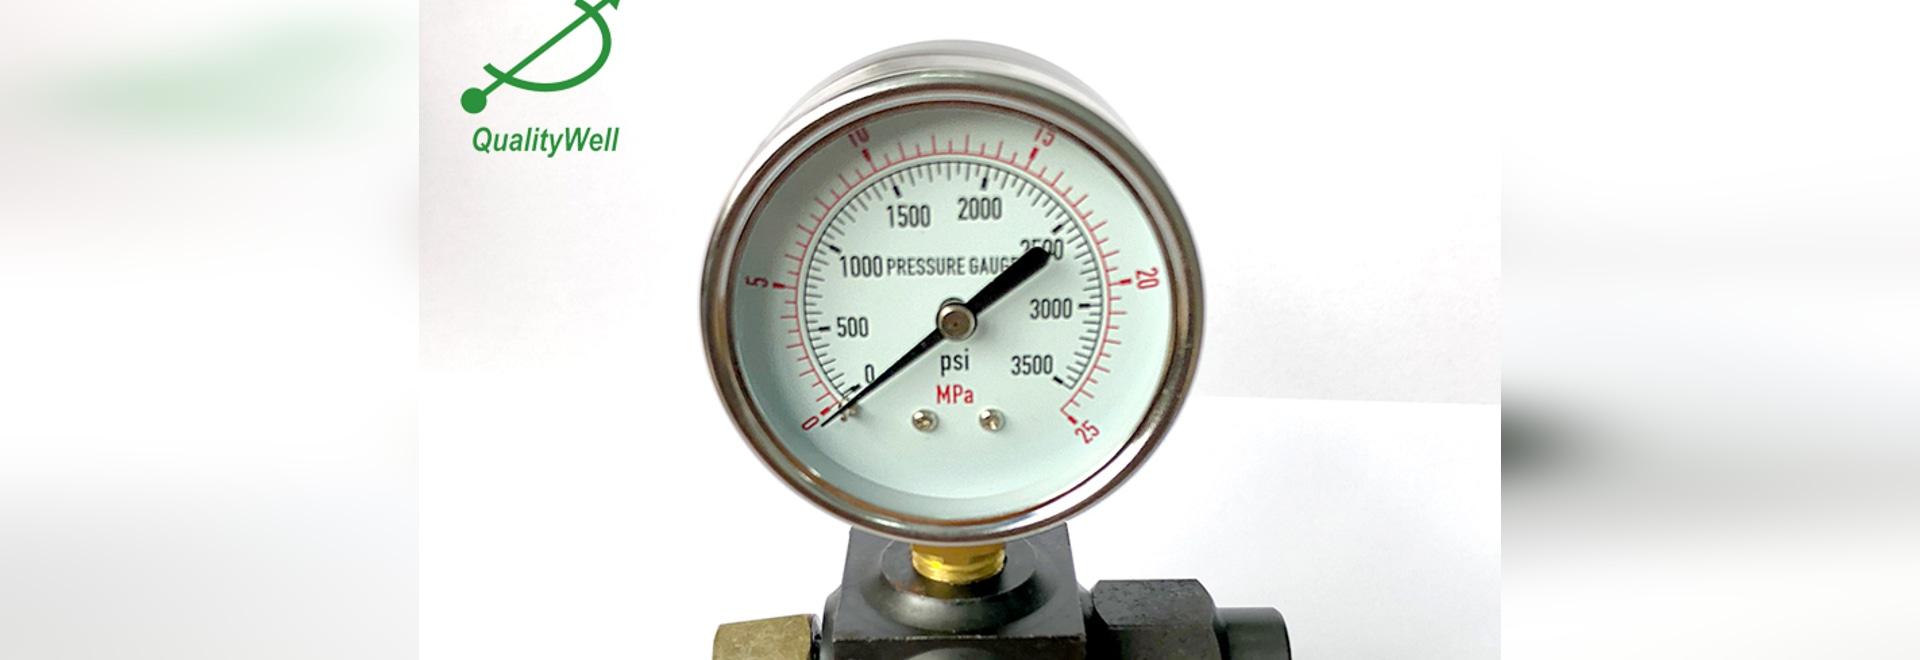 Mantenimiento del manómetro